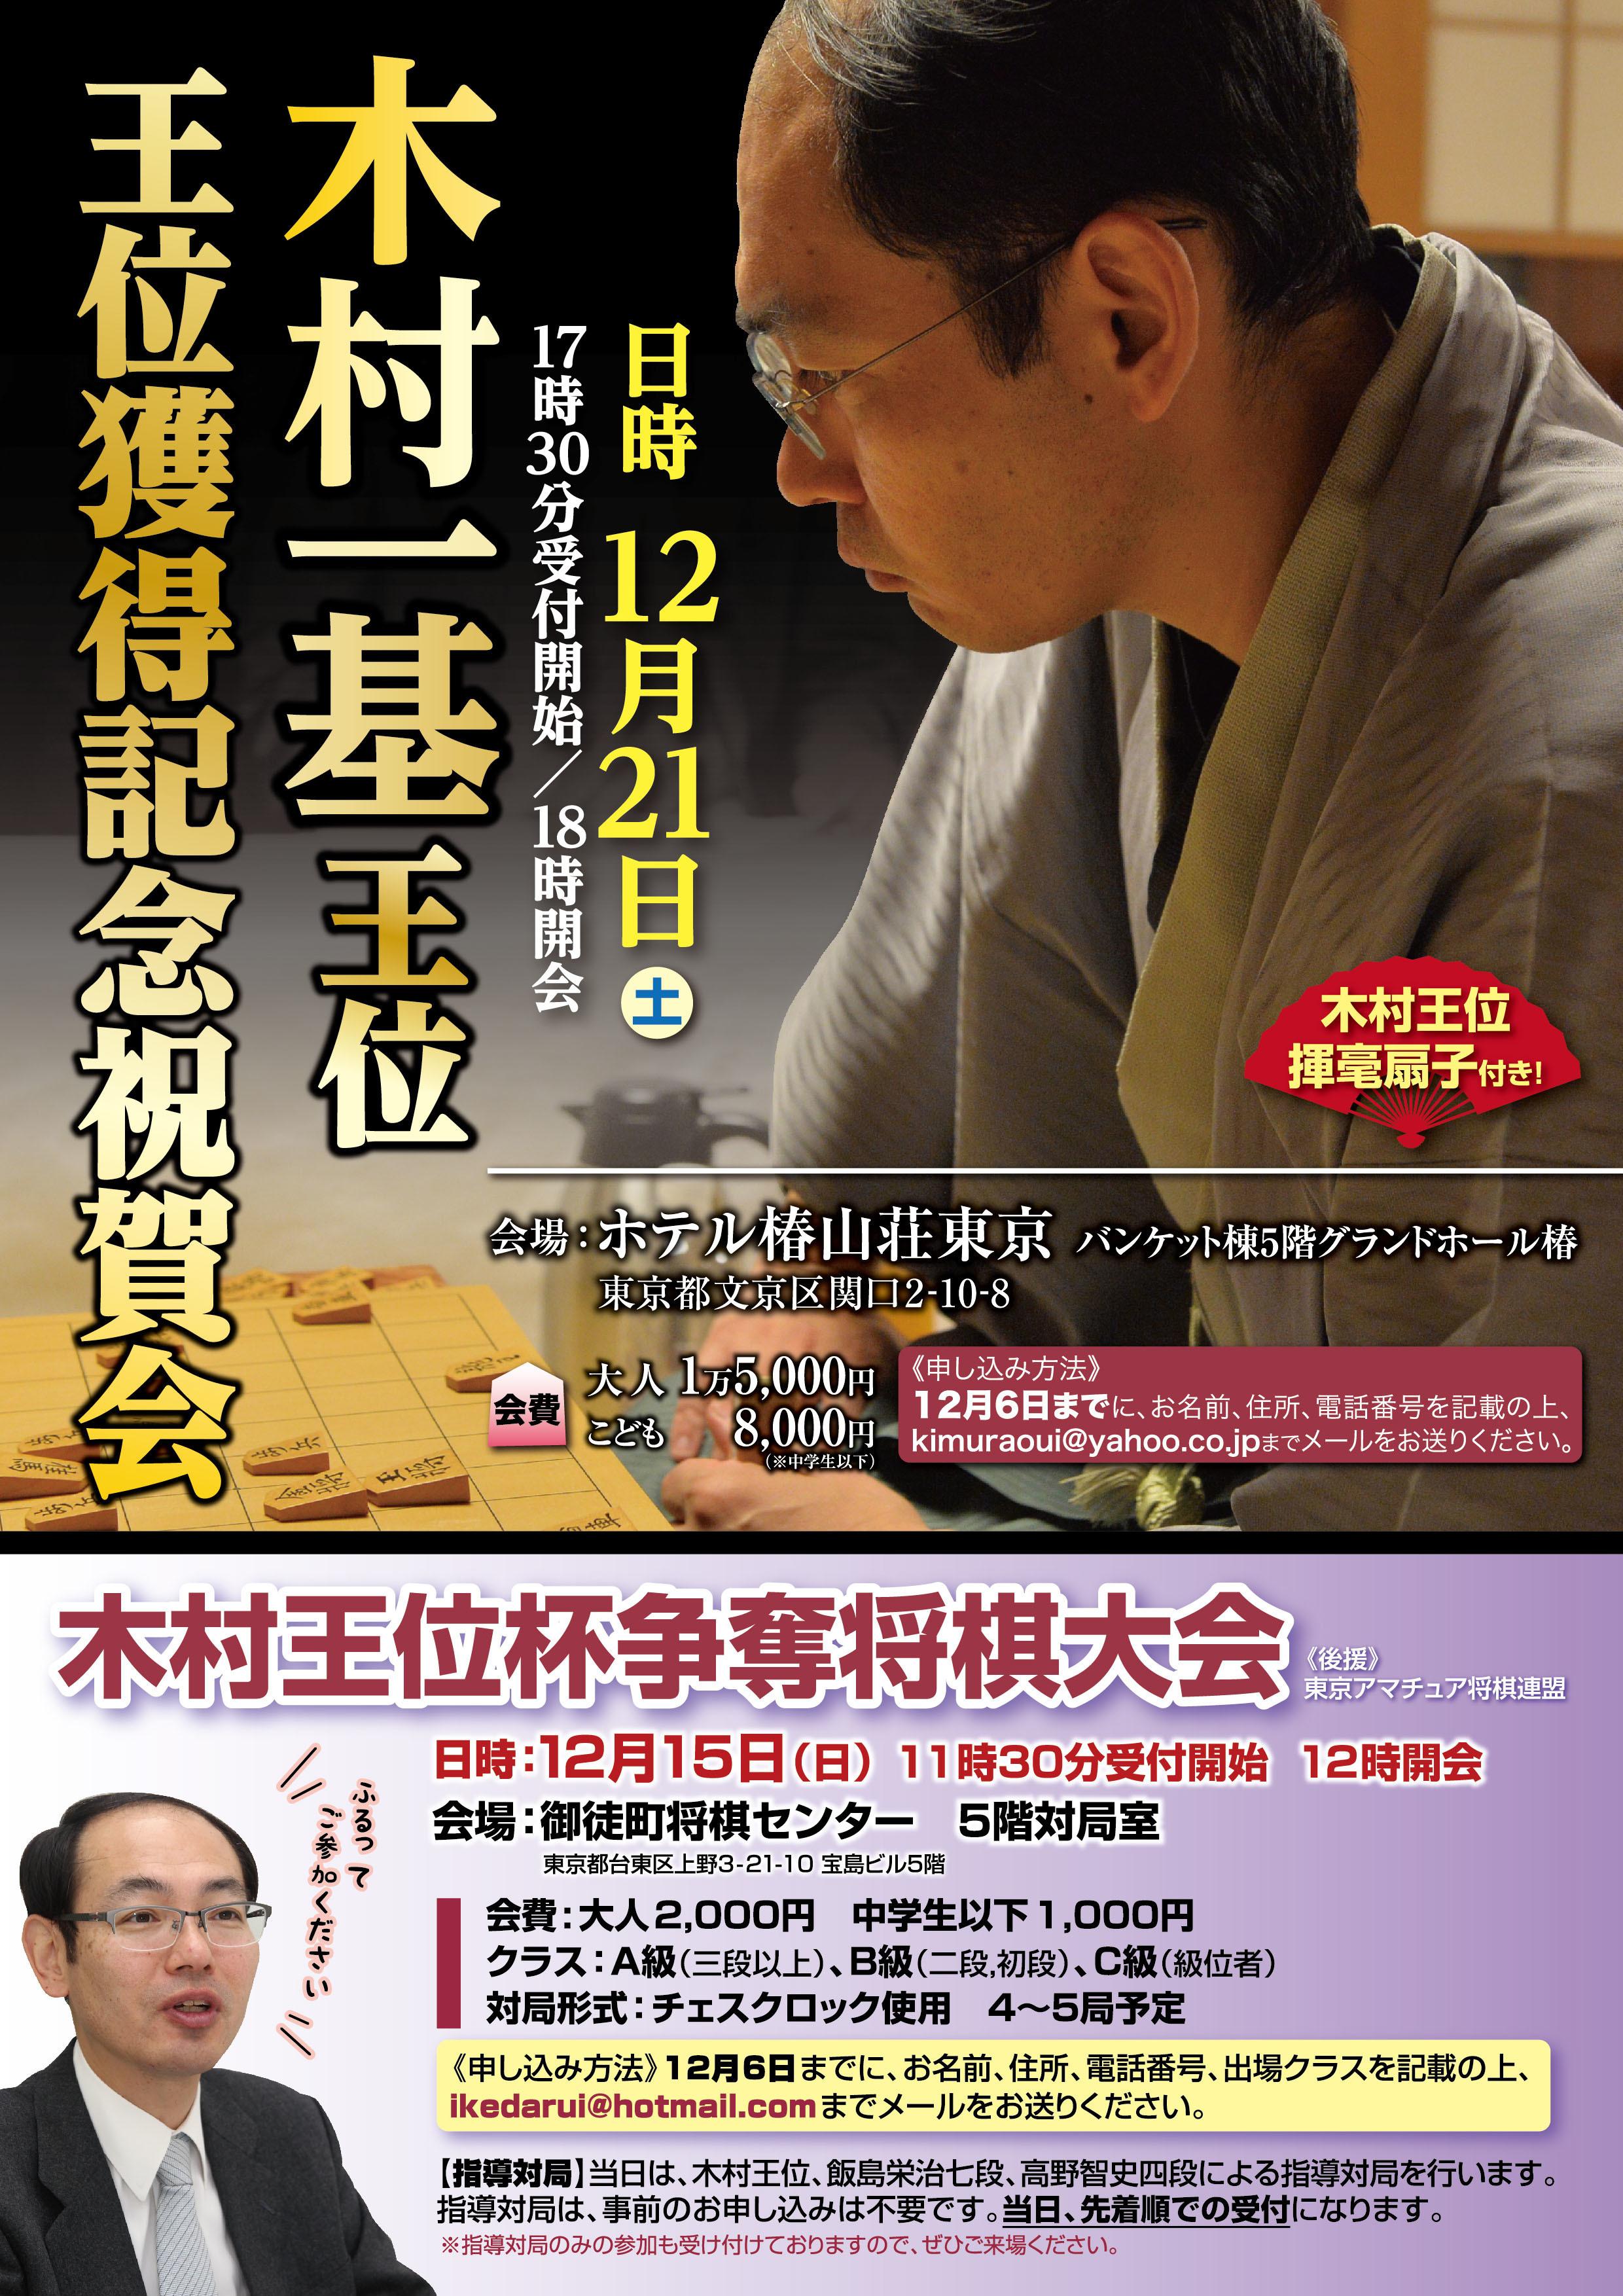 木村王位祝賀会